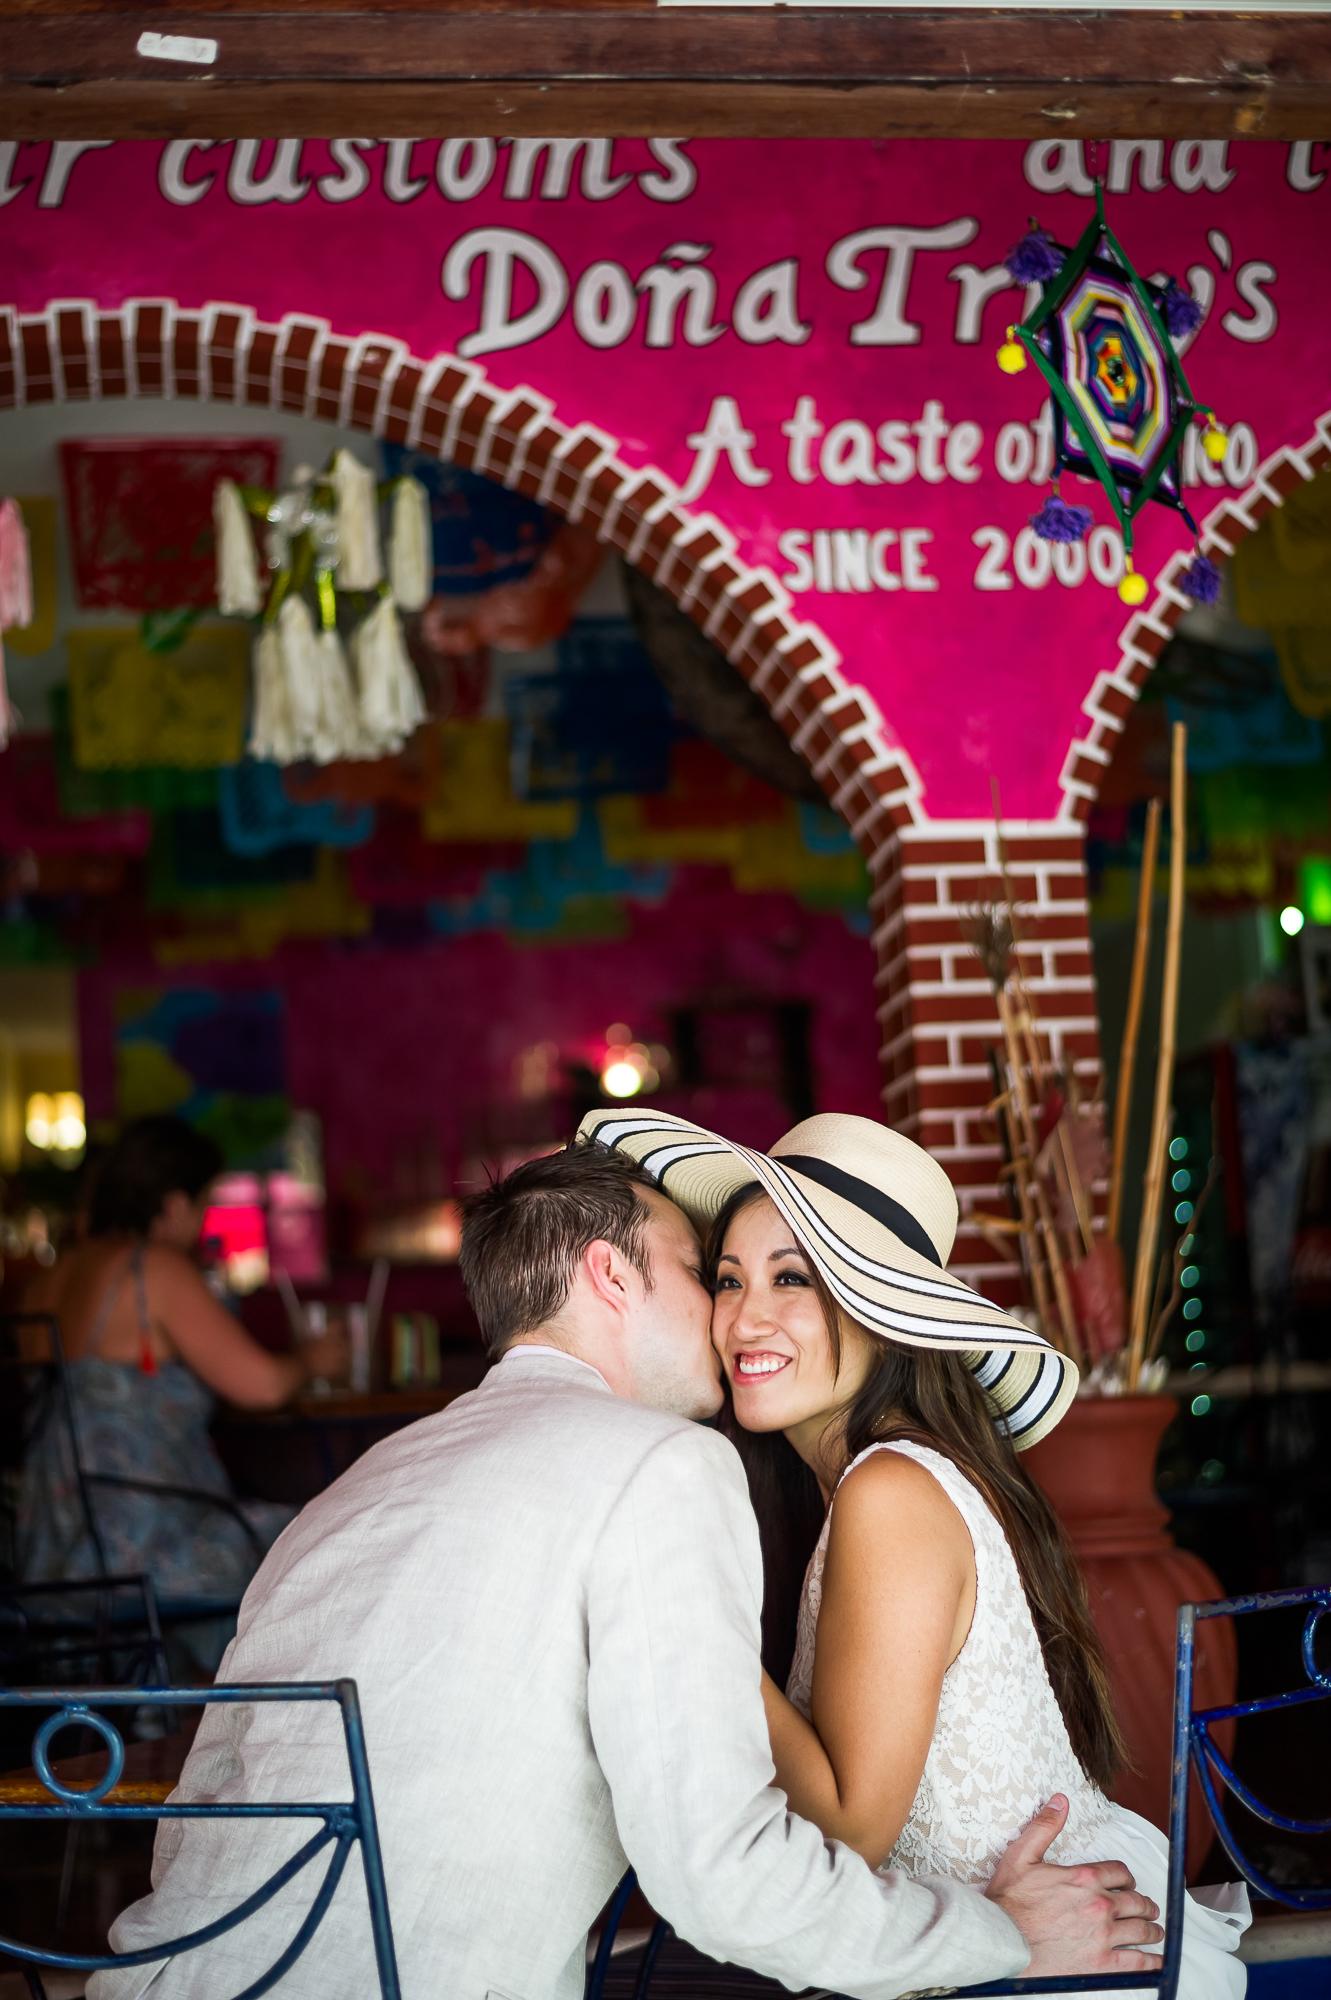 44-David Loi Studios - Cancun Mexico Engagement Session - Destination Engagement Session-25006.jpg